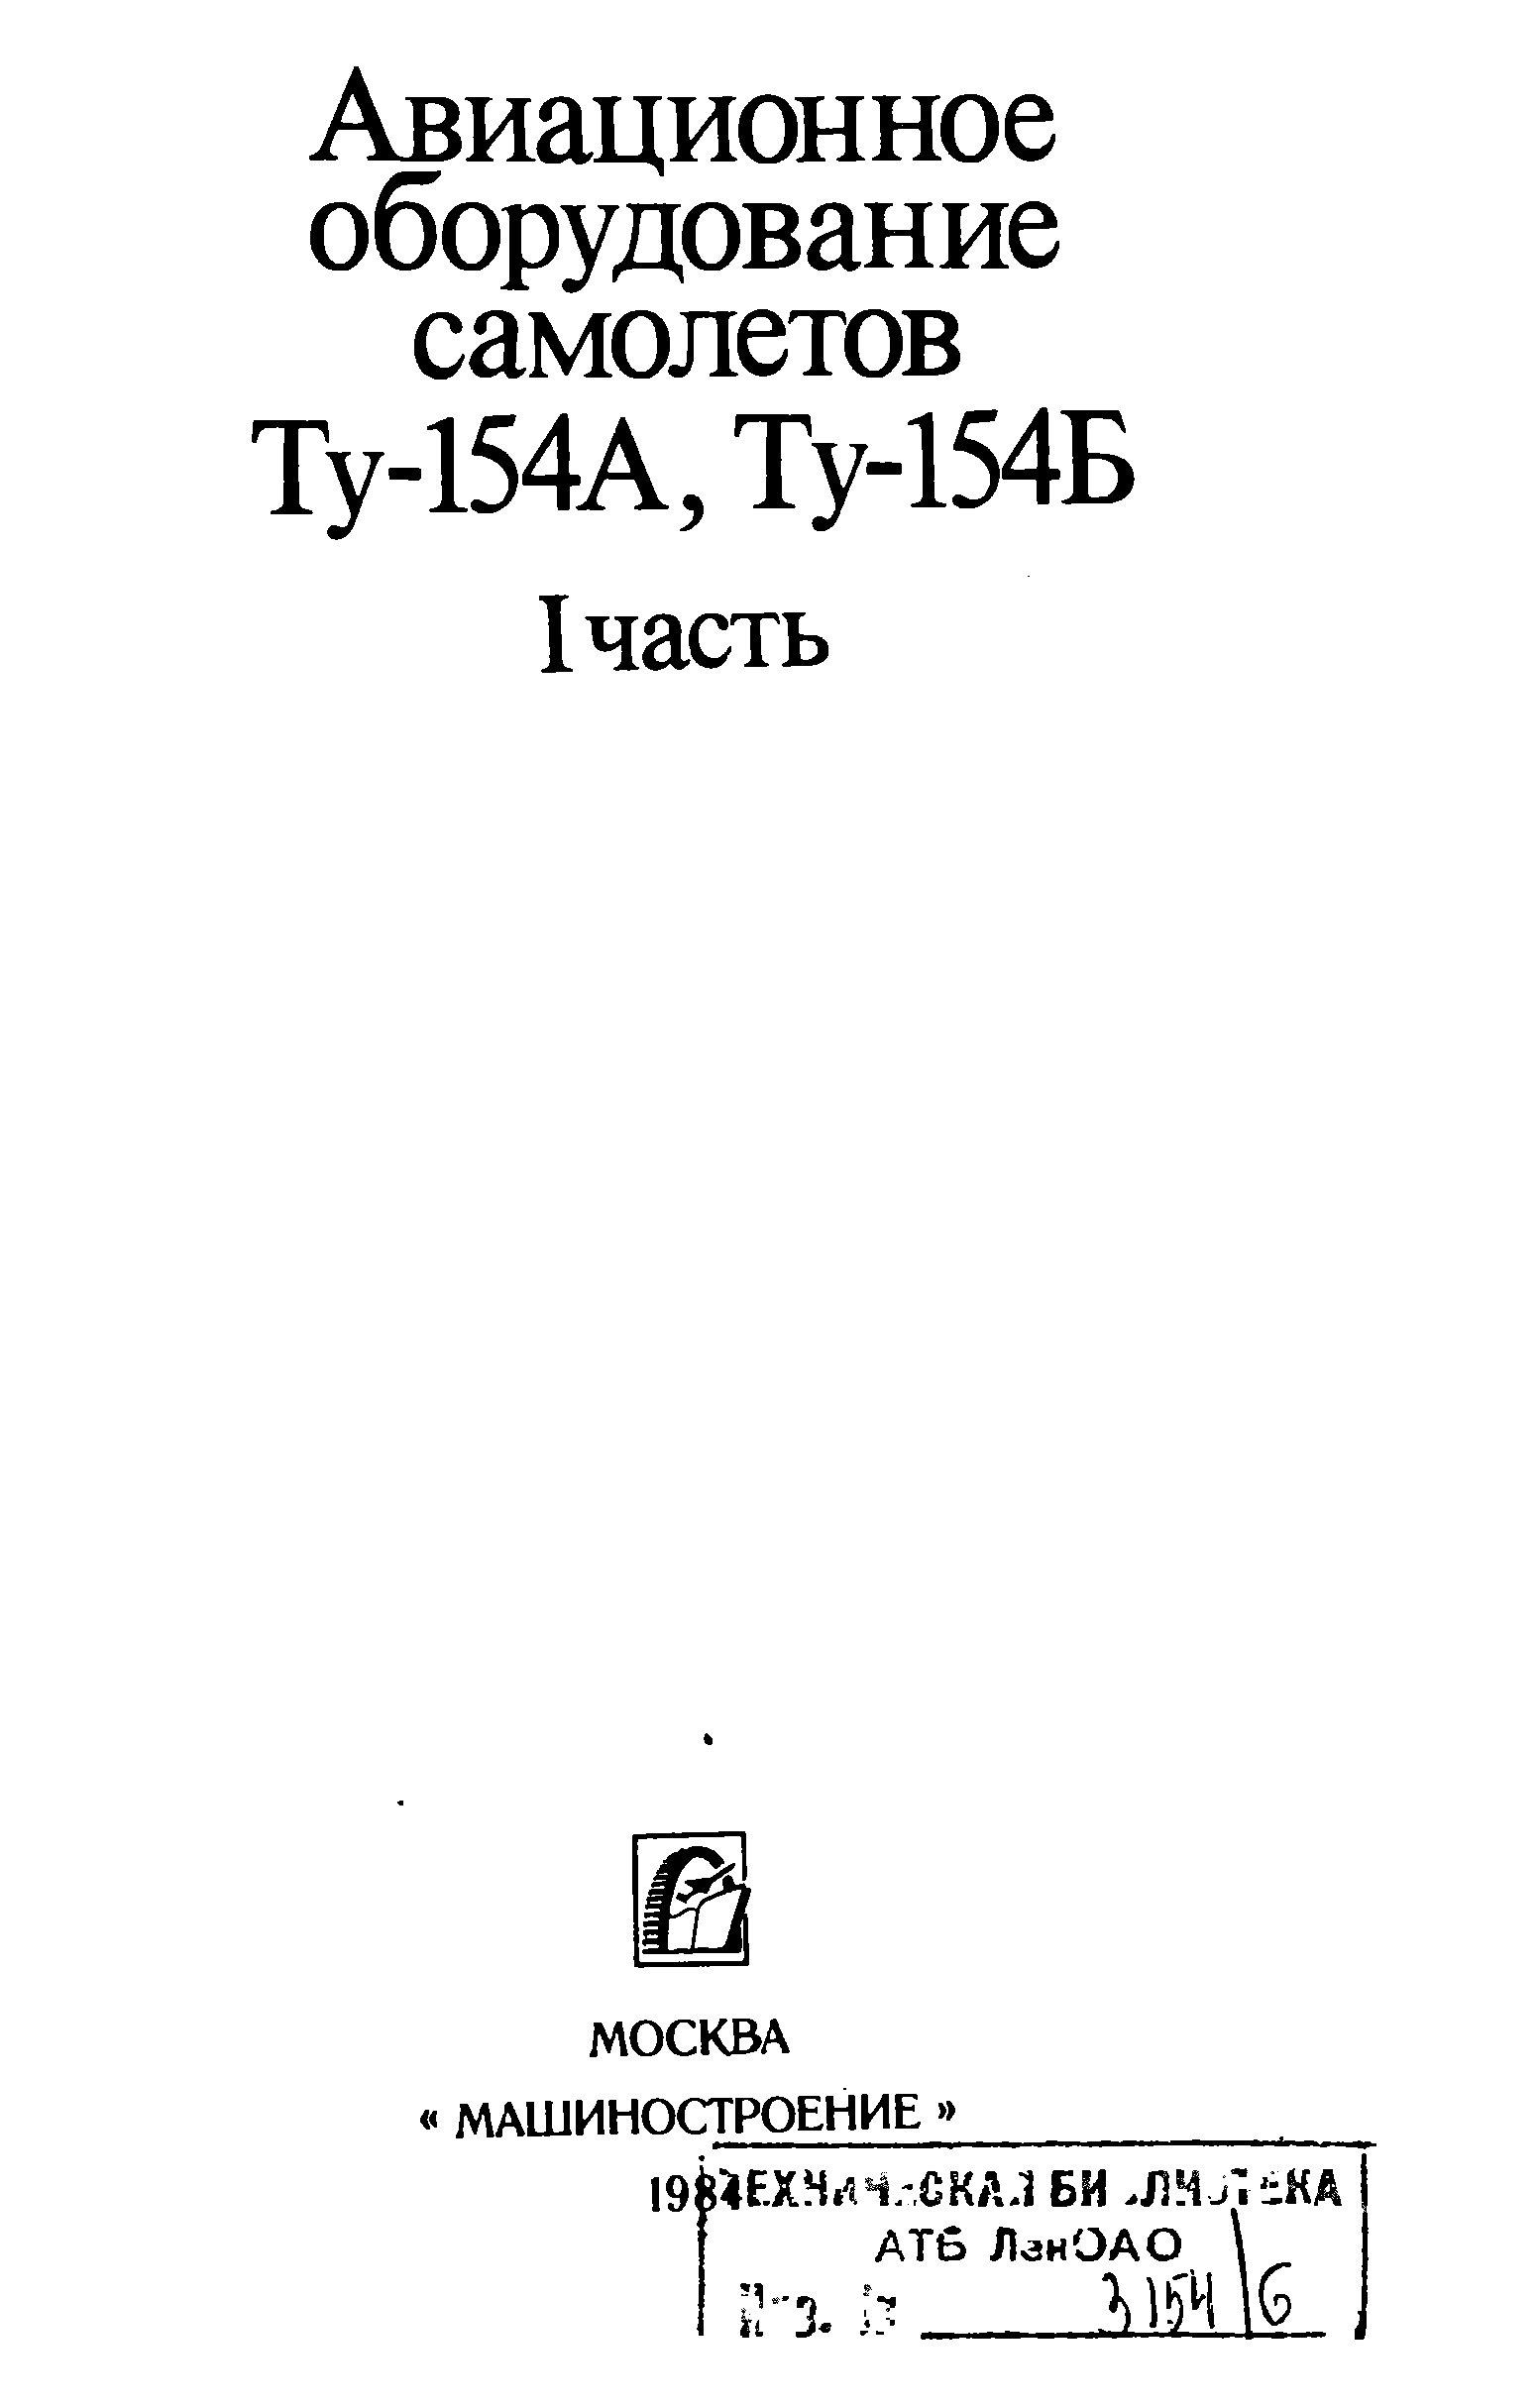 Обложка книги Авиационное оборудование самолетов Ту-154А, Ту-154Б/В. (Часть 1) (Филипповская Г.П. (ред.))